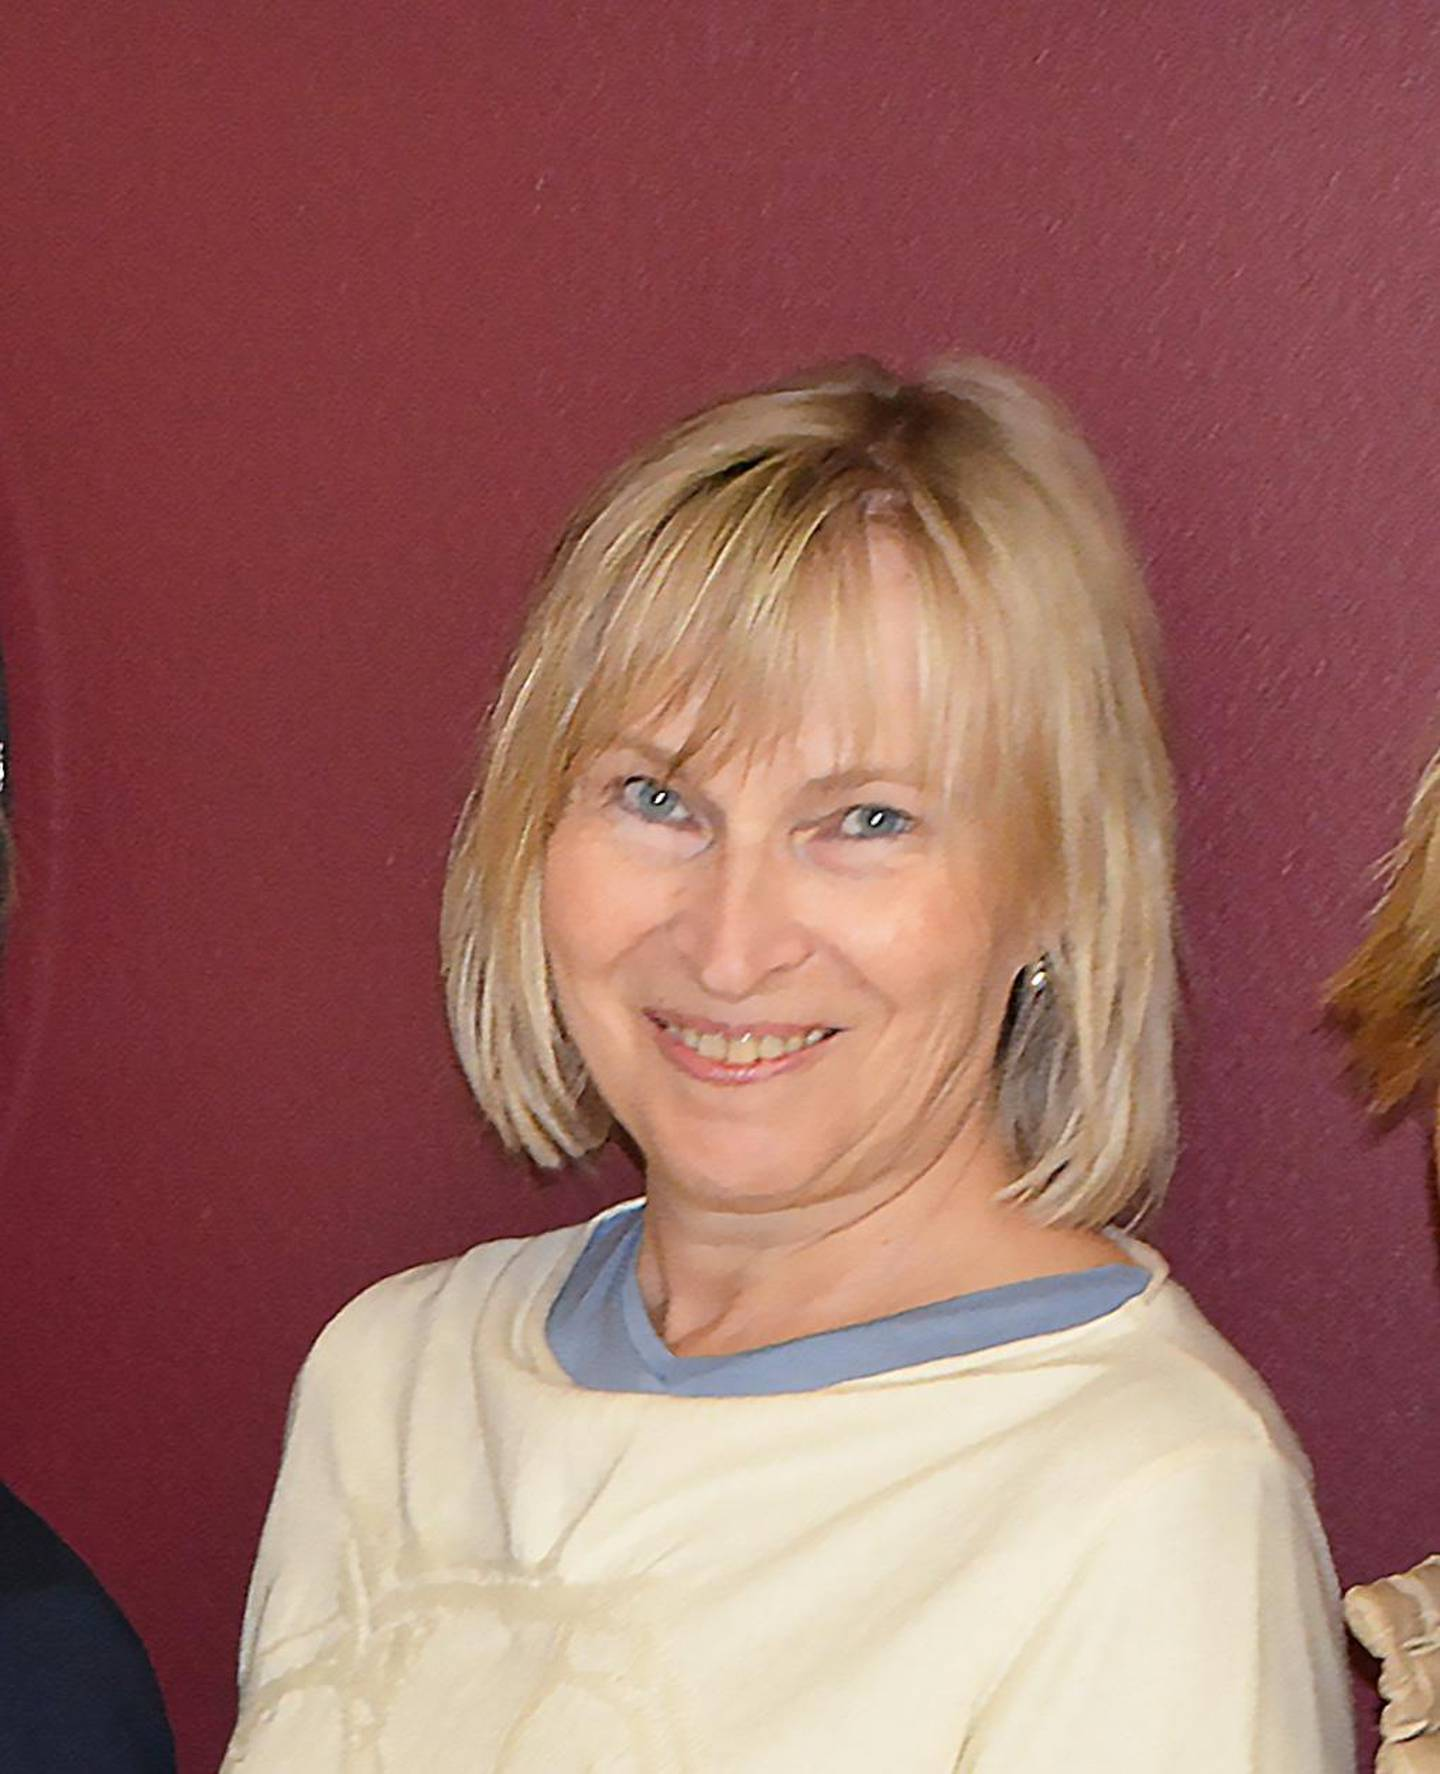 Berit Støre Brinchmann, Professor i sykepleie ved Nord Universitet og Nordlandssykehuset, og medlem av Rådet for sykepleieetikk